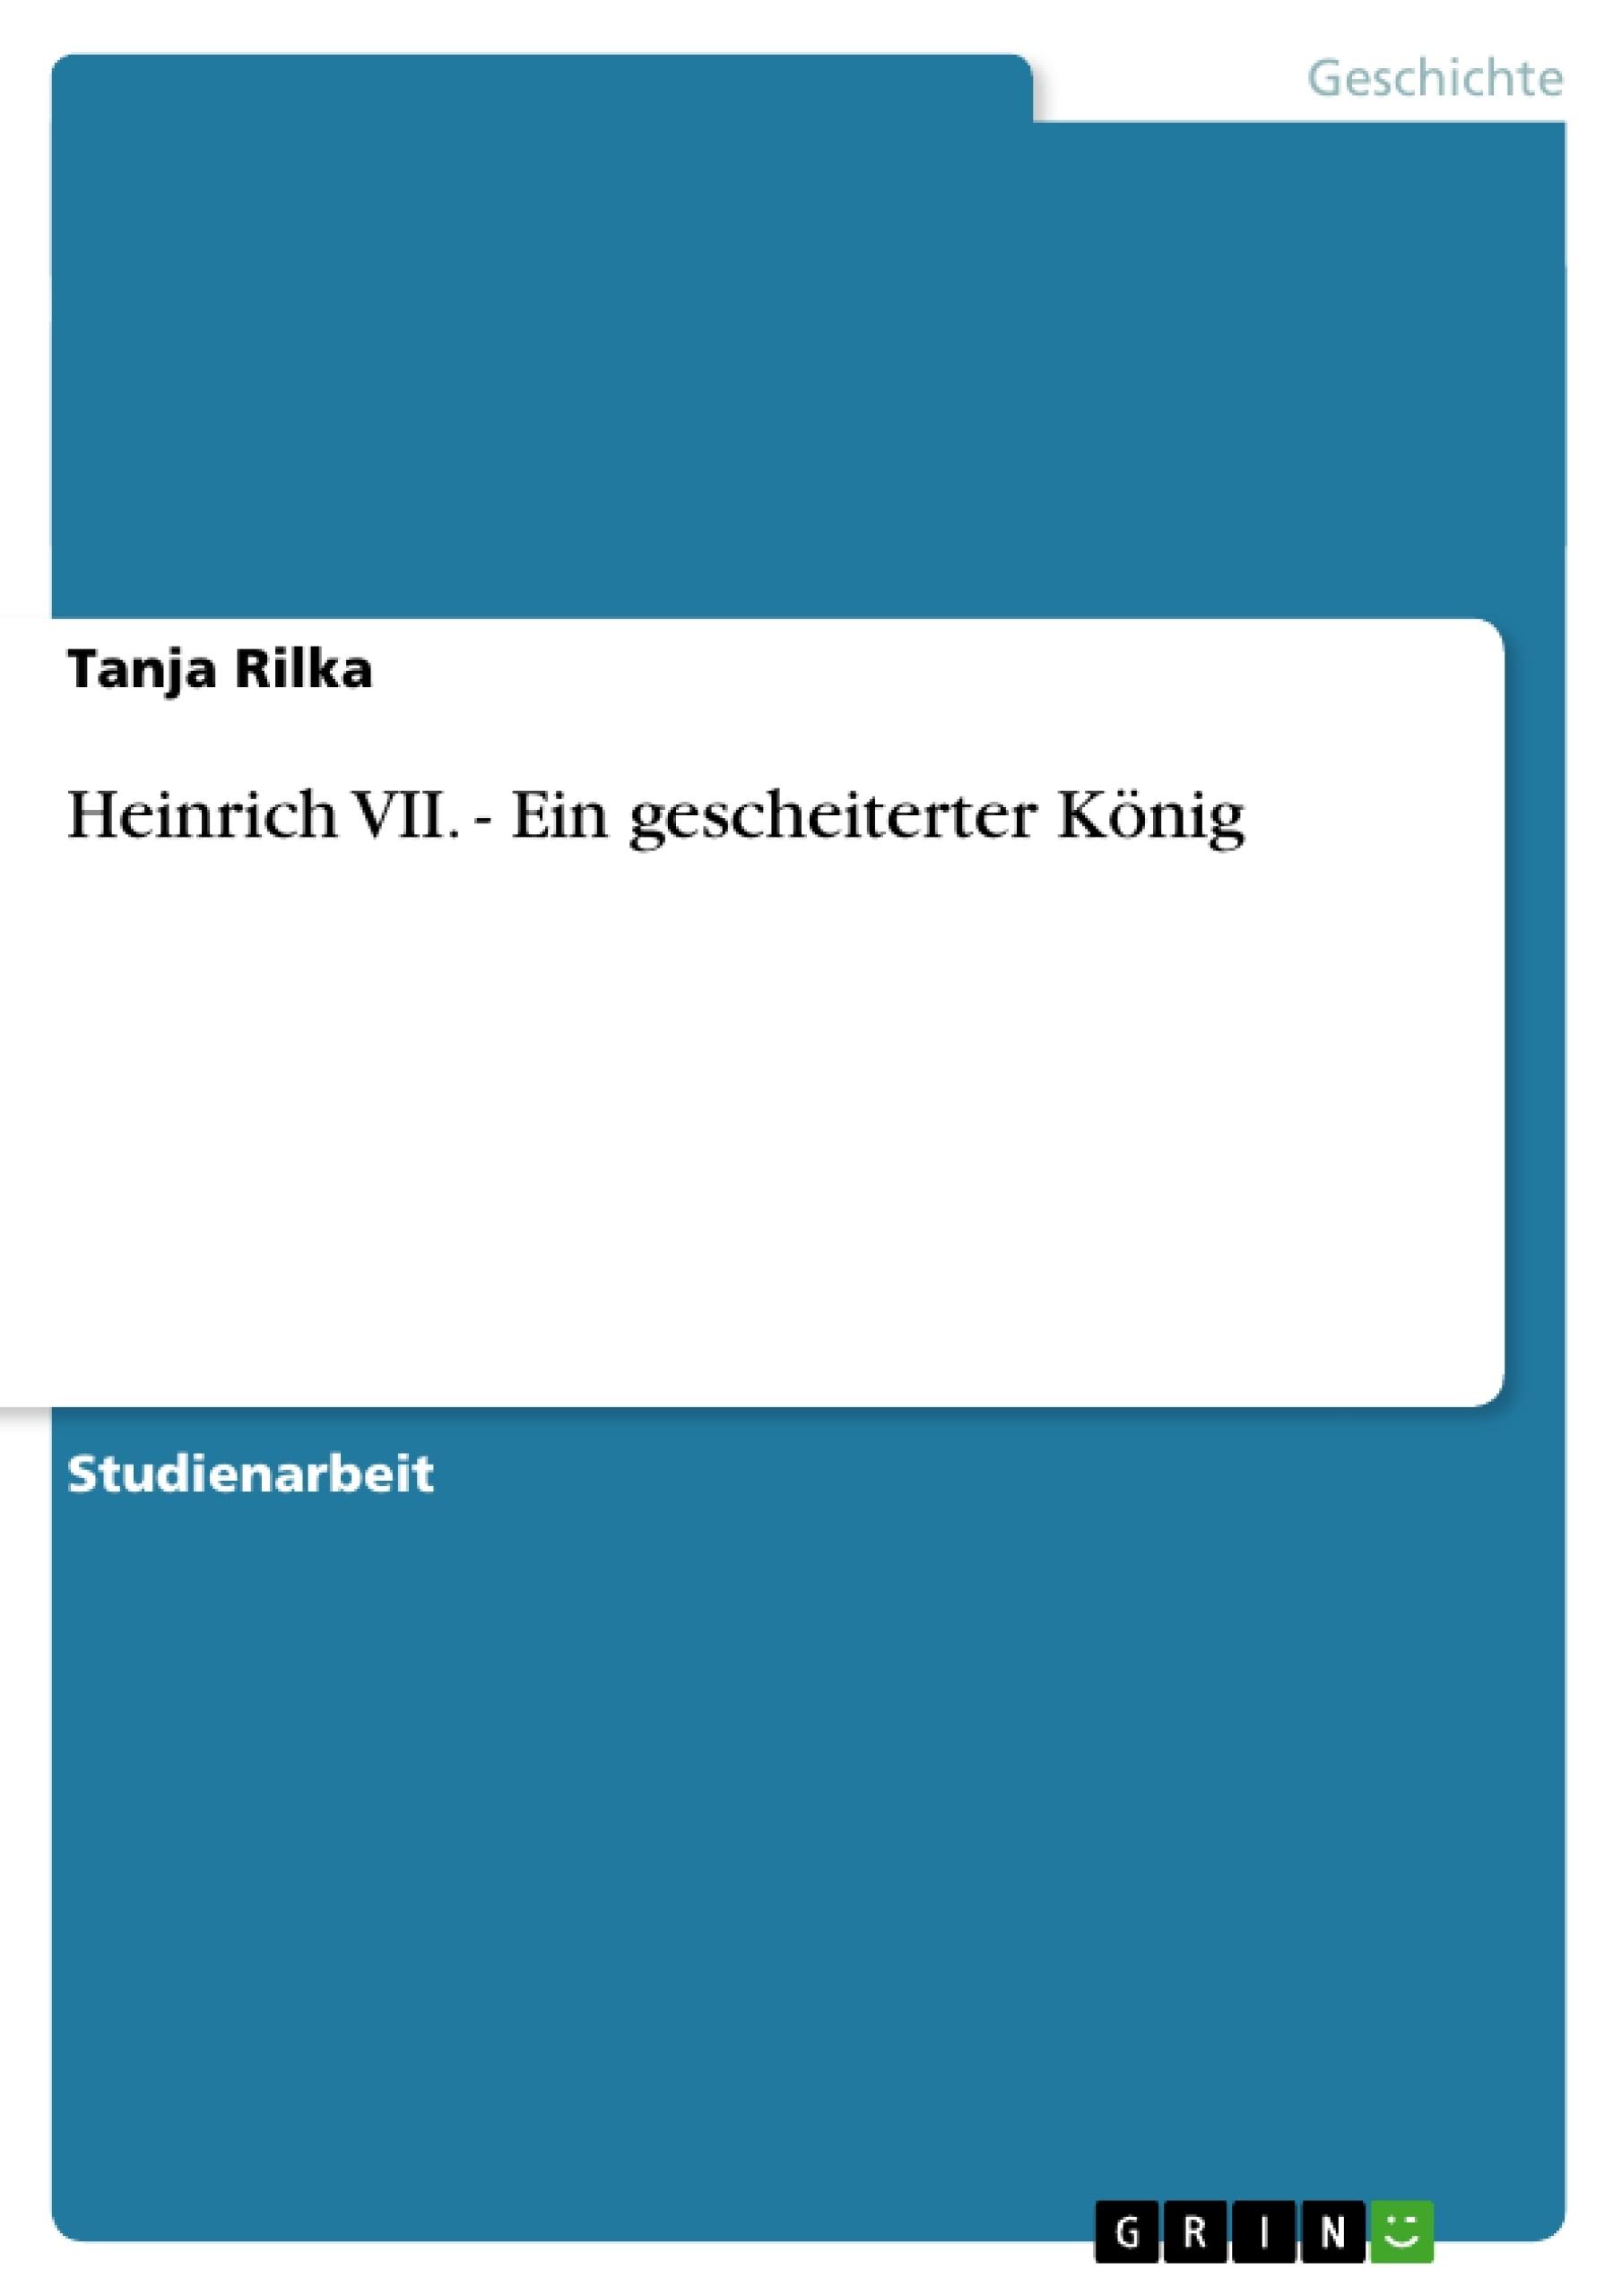 Titel: Heinrich VII. - Ein gescheiterter König